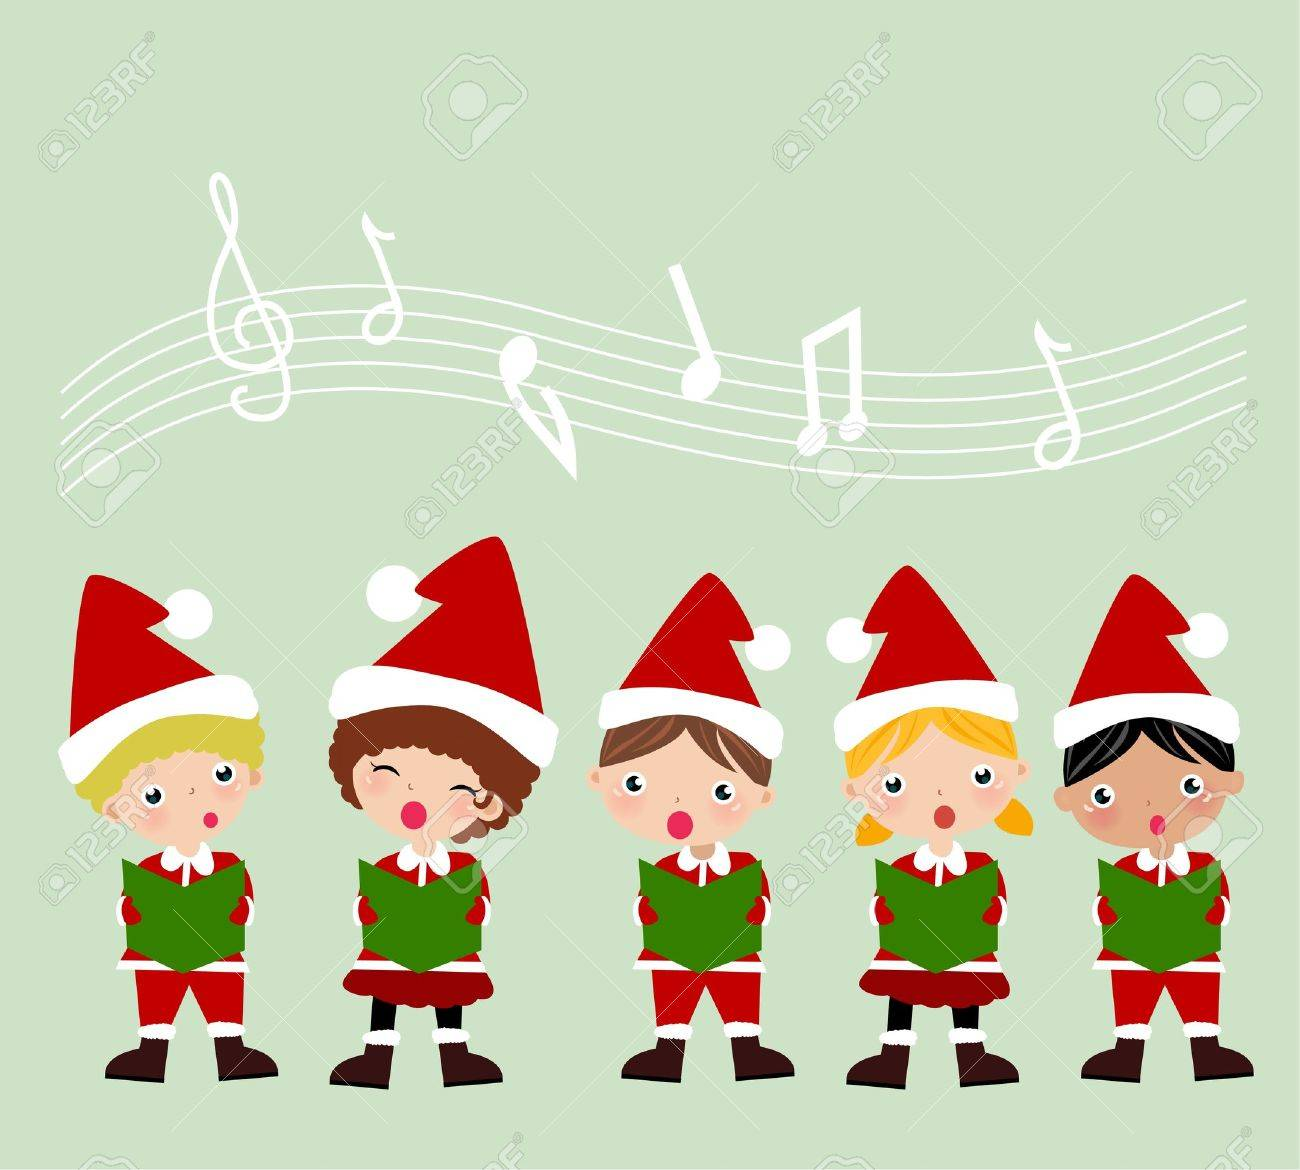 Christmas Carol Royalty Free Cliparts, Vectors, And Stock ...